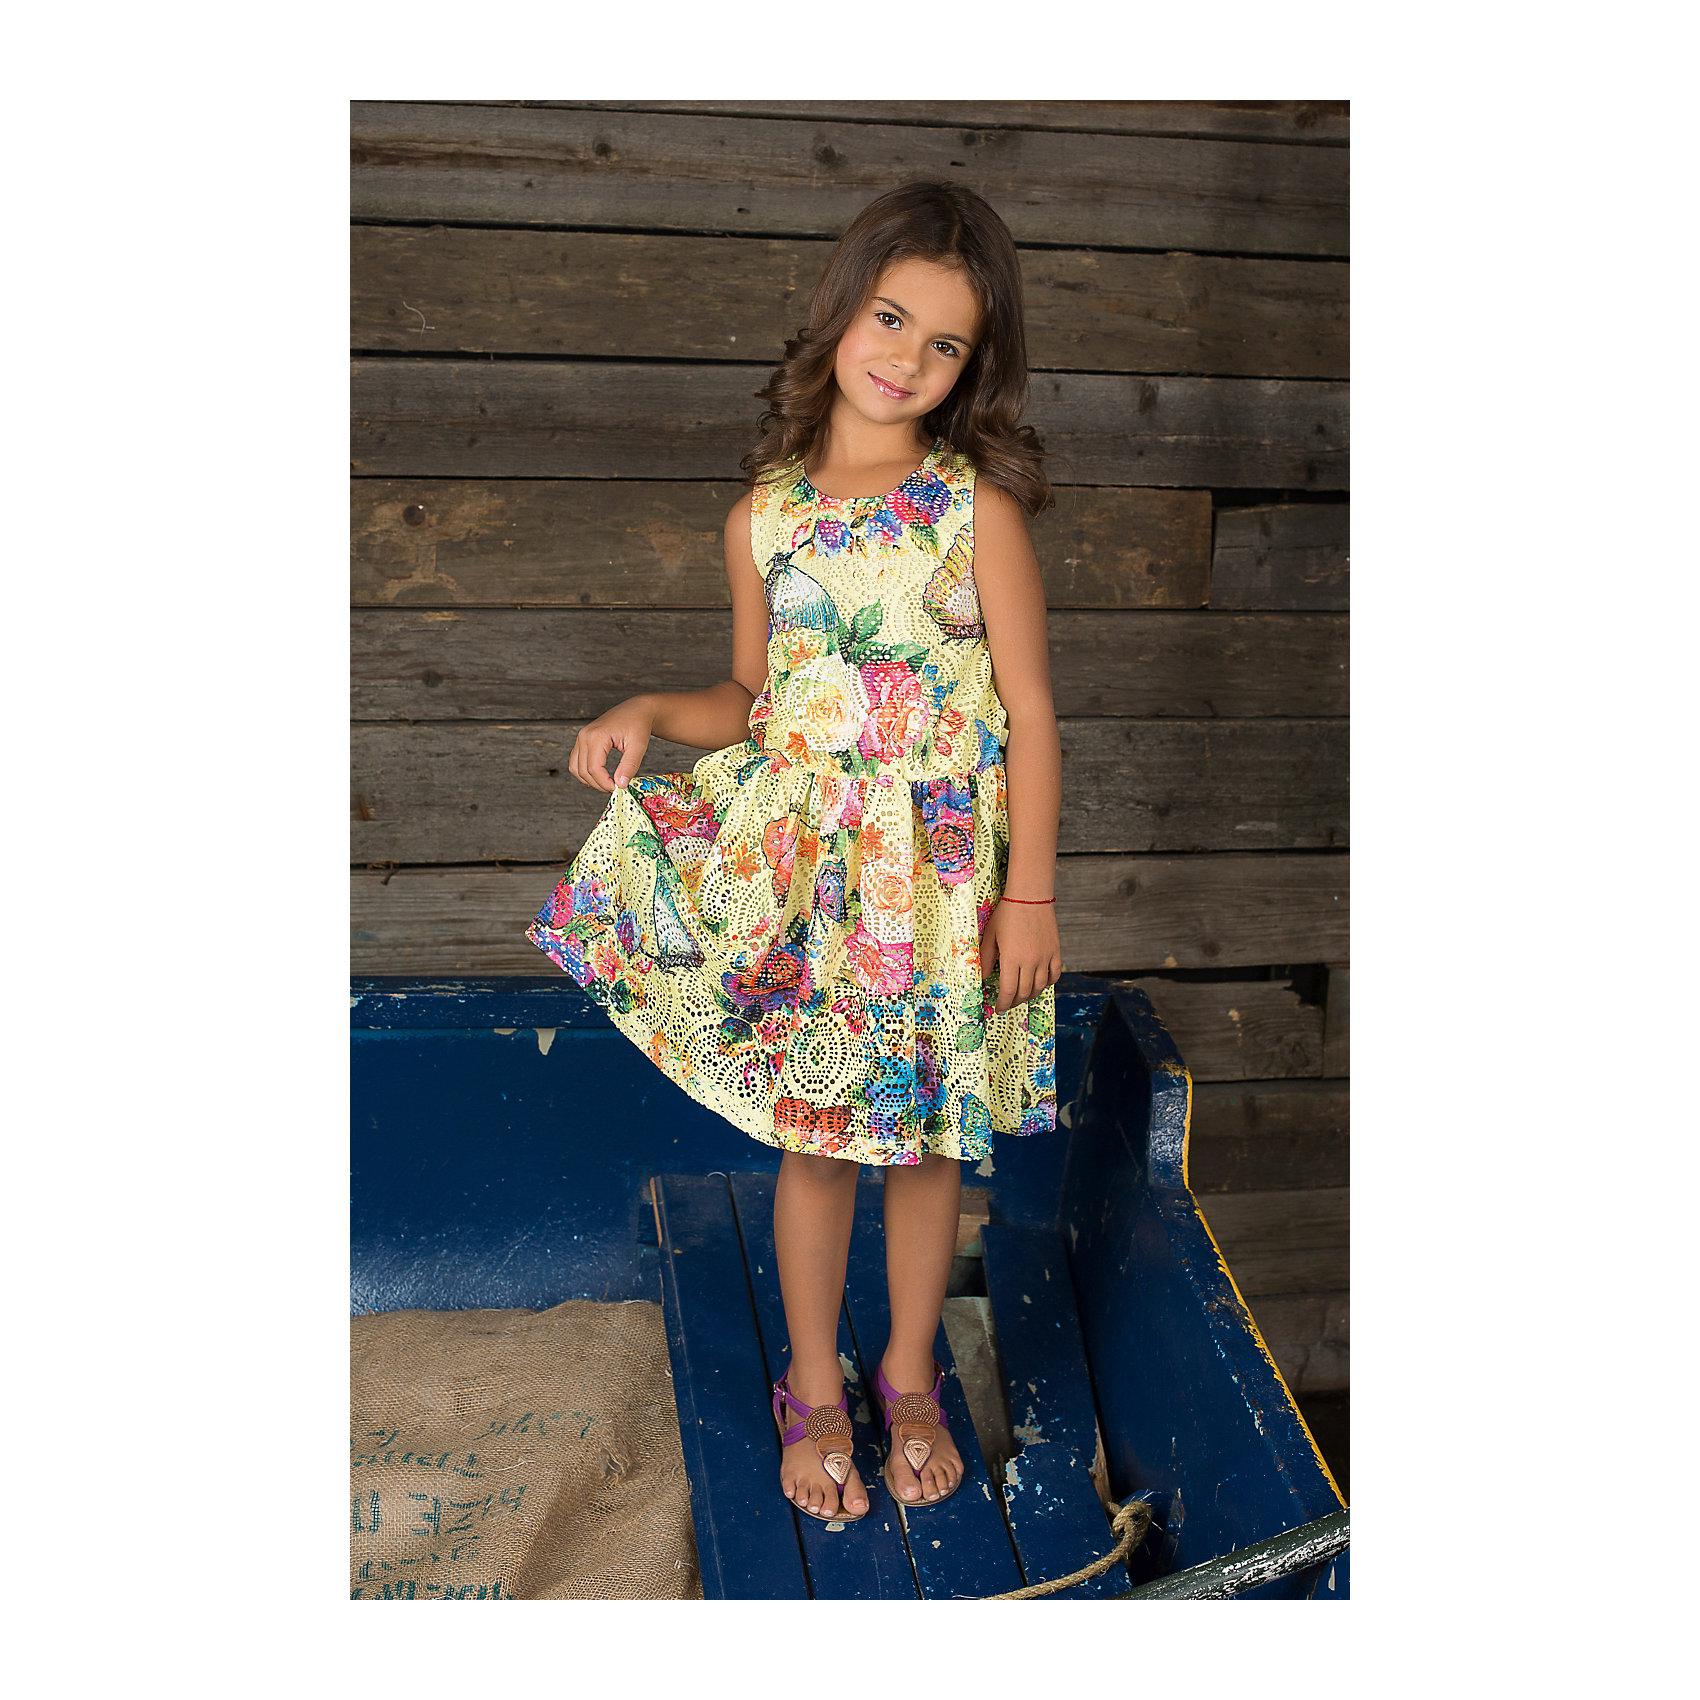 Платье для девочки Sweet BerryРомантичное платье из фактурной трикотажной сетки на подкладке из тонкого трикотажа.<br>Состав:<br>95% хлопок, 5% эластан<br><br>Ширина мм: 236<br>Глубина мм: 16<br>Высота мм: 184<br>Вес г: 177<br>Цвет: желтый<br>Возраст от месяцев: 36<br>Возраст до месяцев: 48<br>Пол: Женский<br>Возраст: Детский<br>Размер: 104,110,128,98,122,116<br>SKU: 4521569